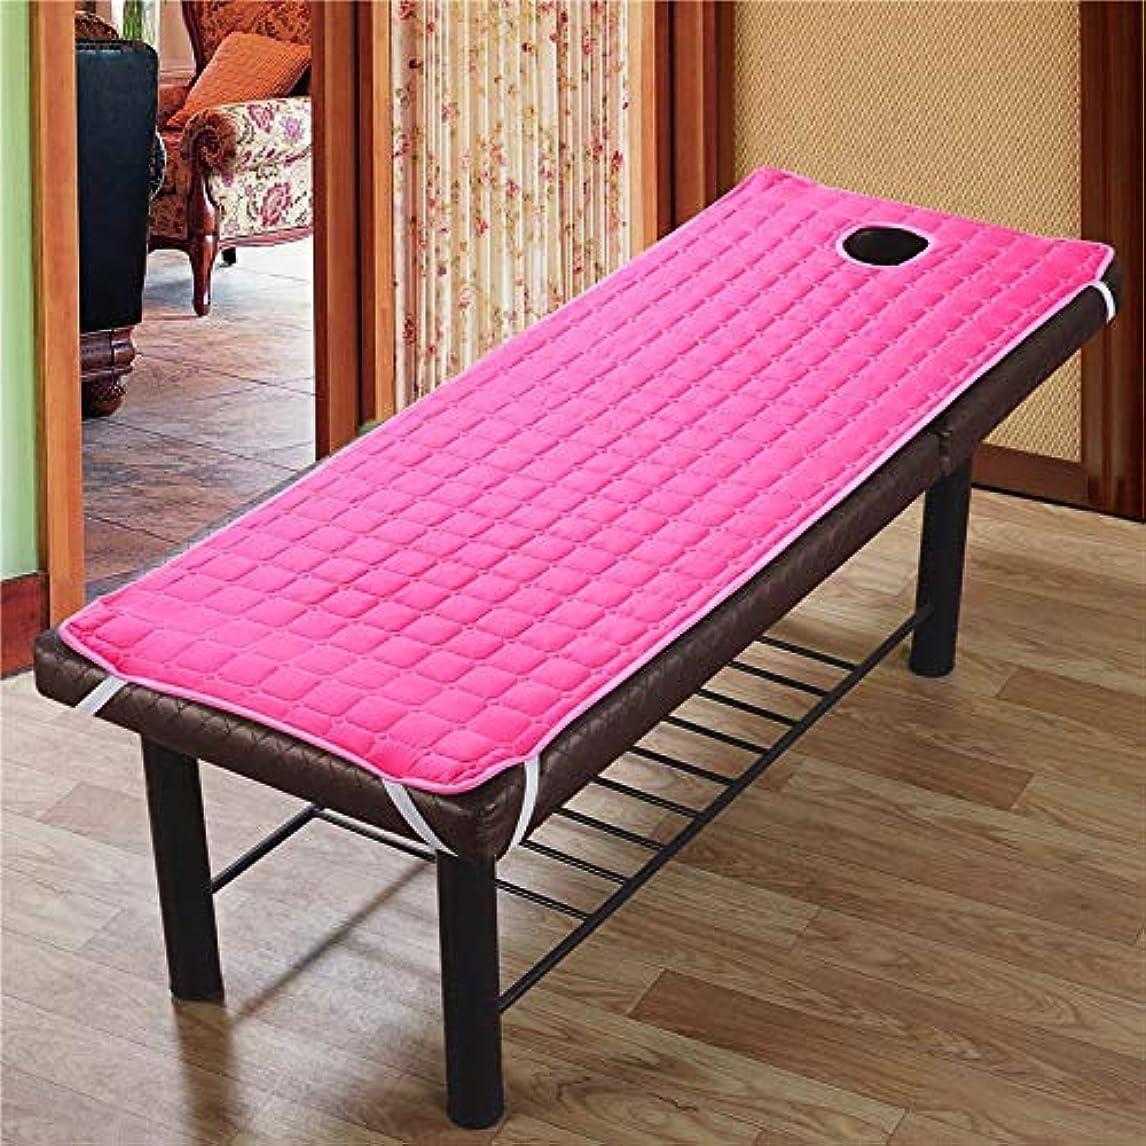 学校教育あなたのものオリエントJanusSaja 美容院のマッサージ療法のベッドのための滑り止めのSoliod色の長方形のマットレス